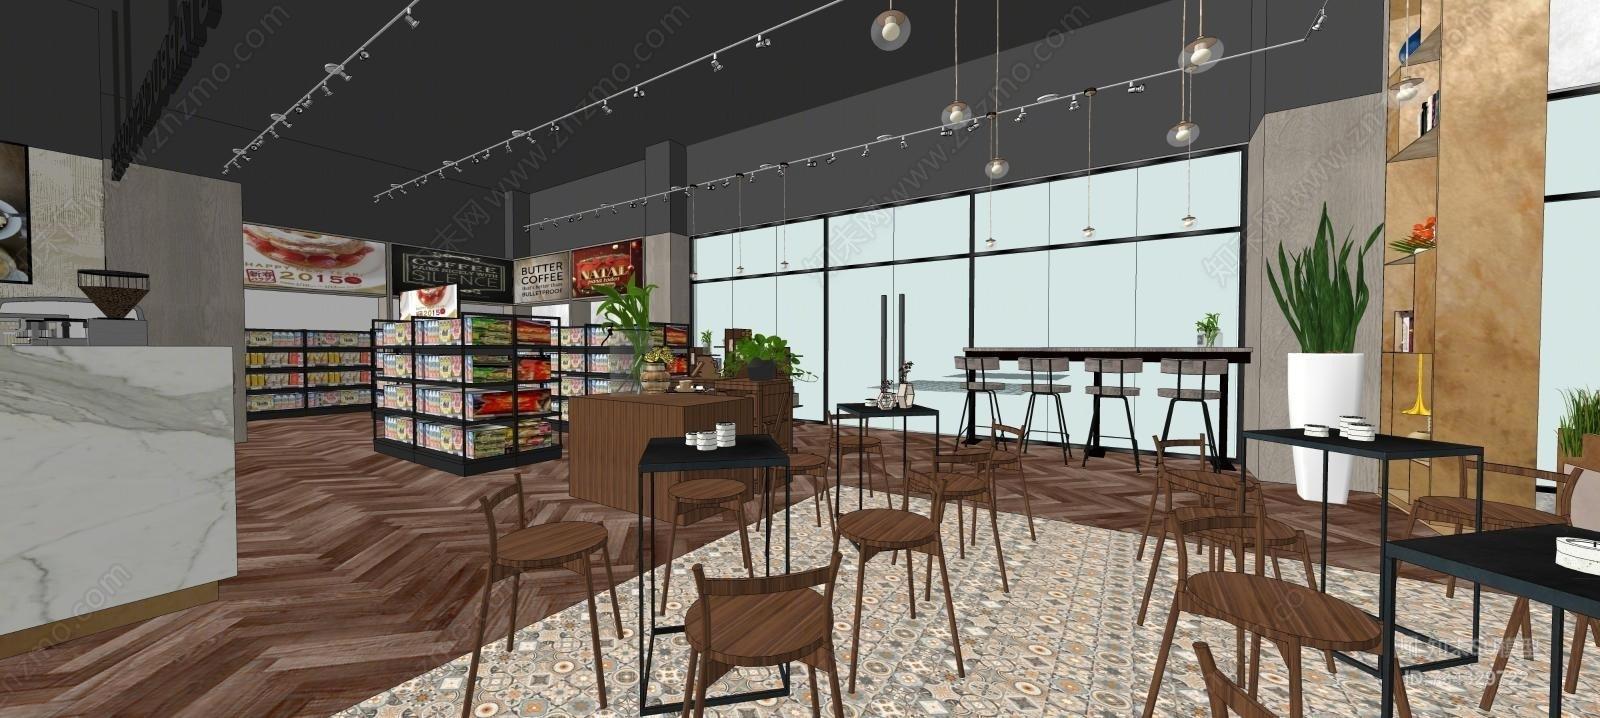 店铺餐饮空间模型